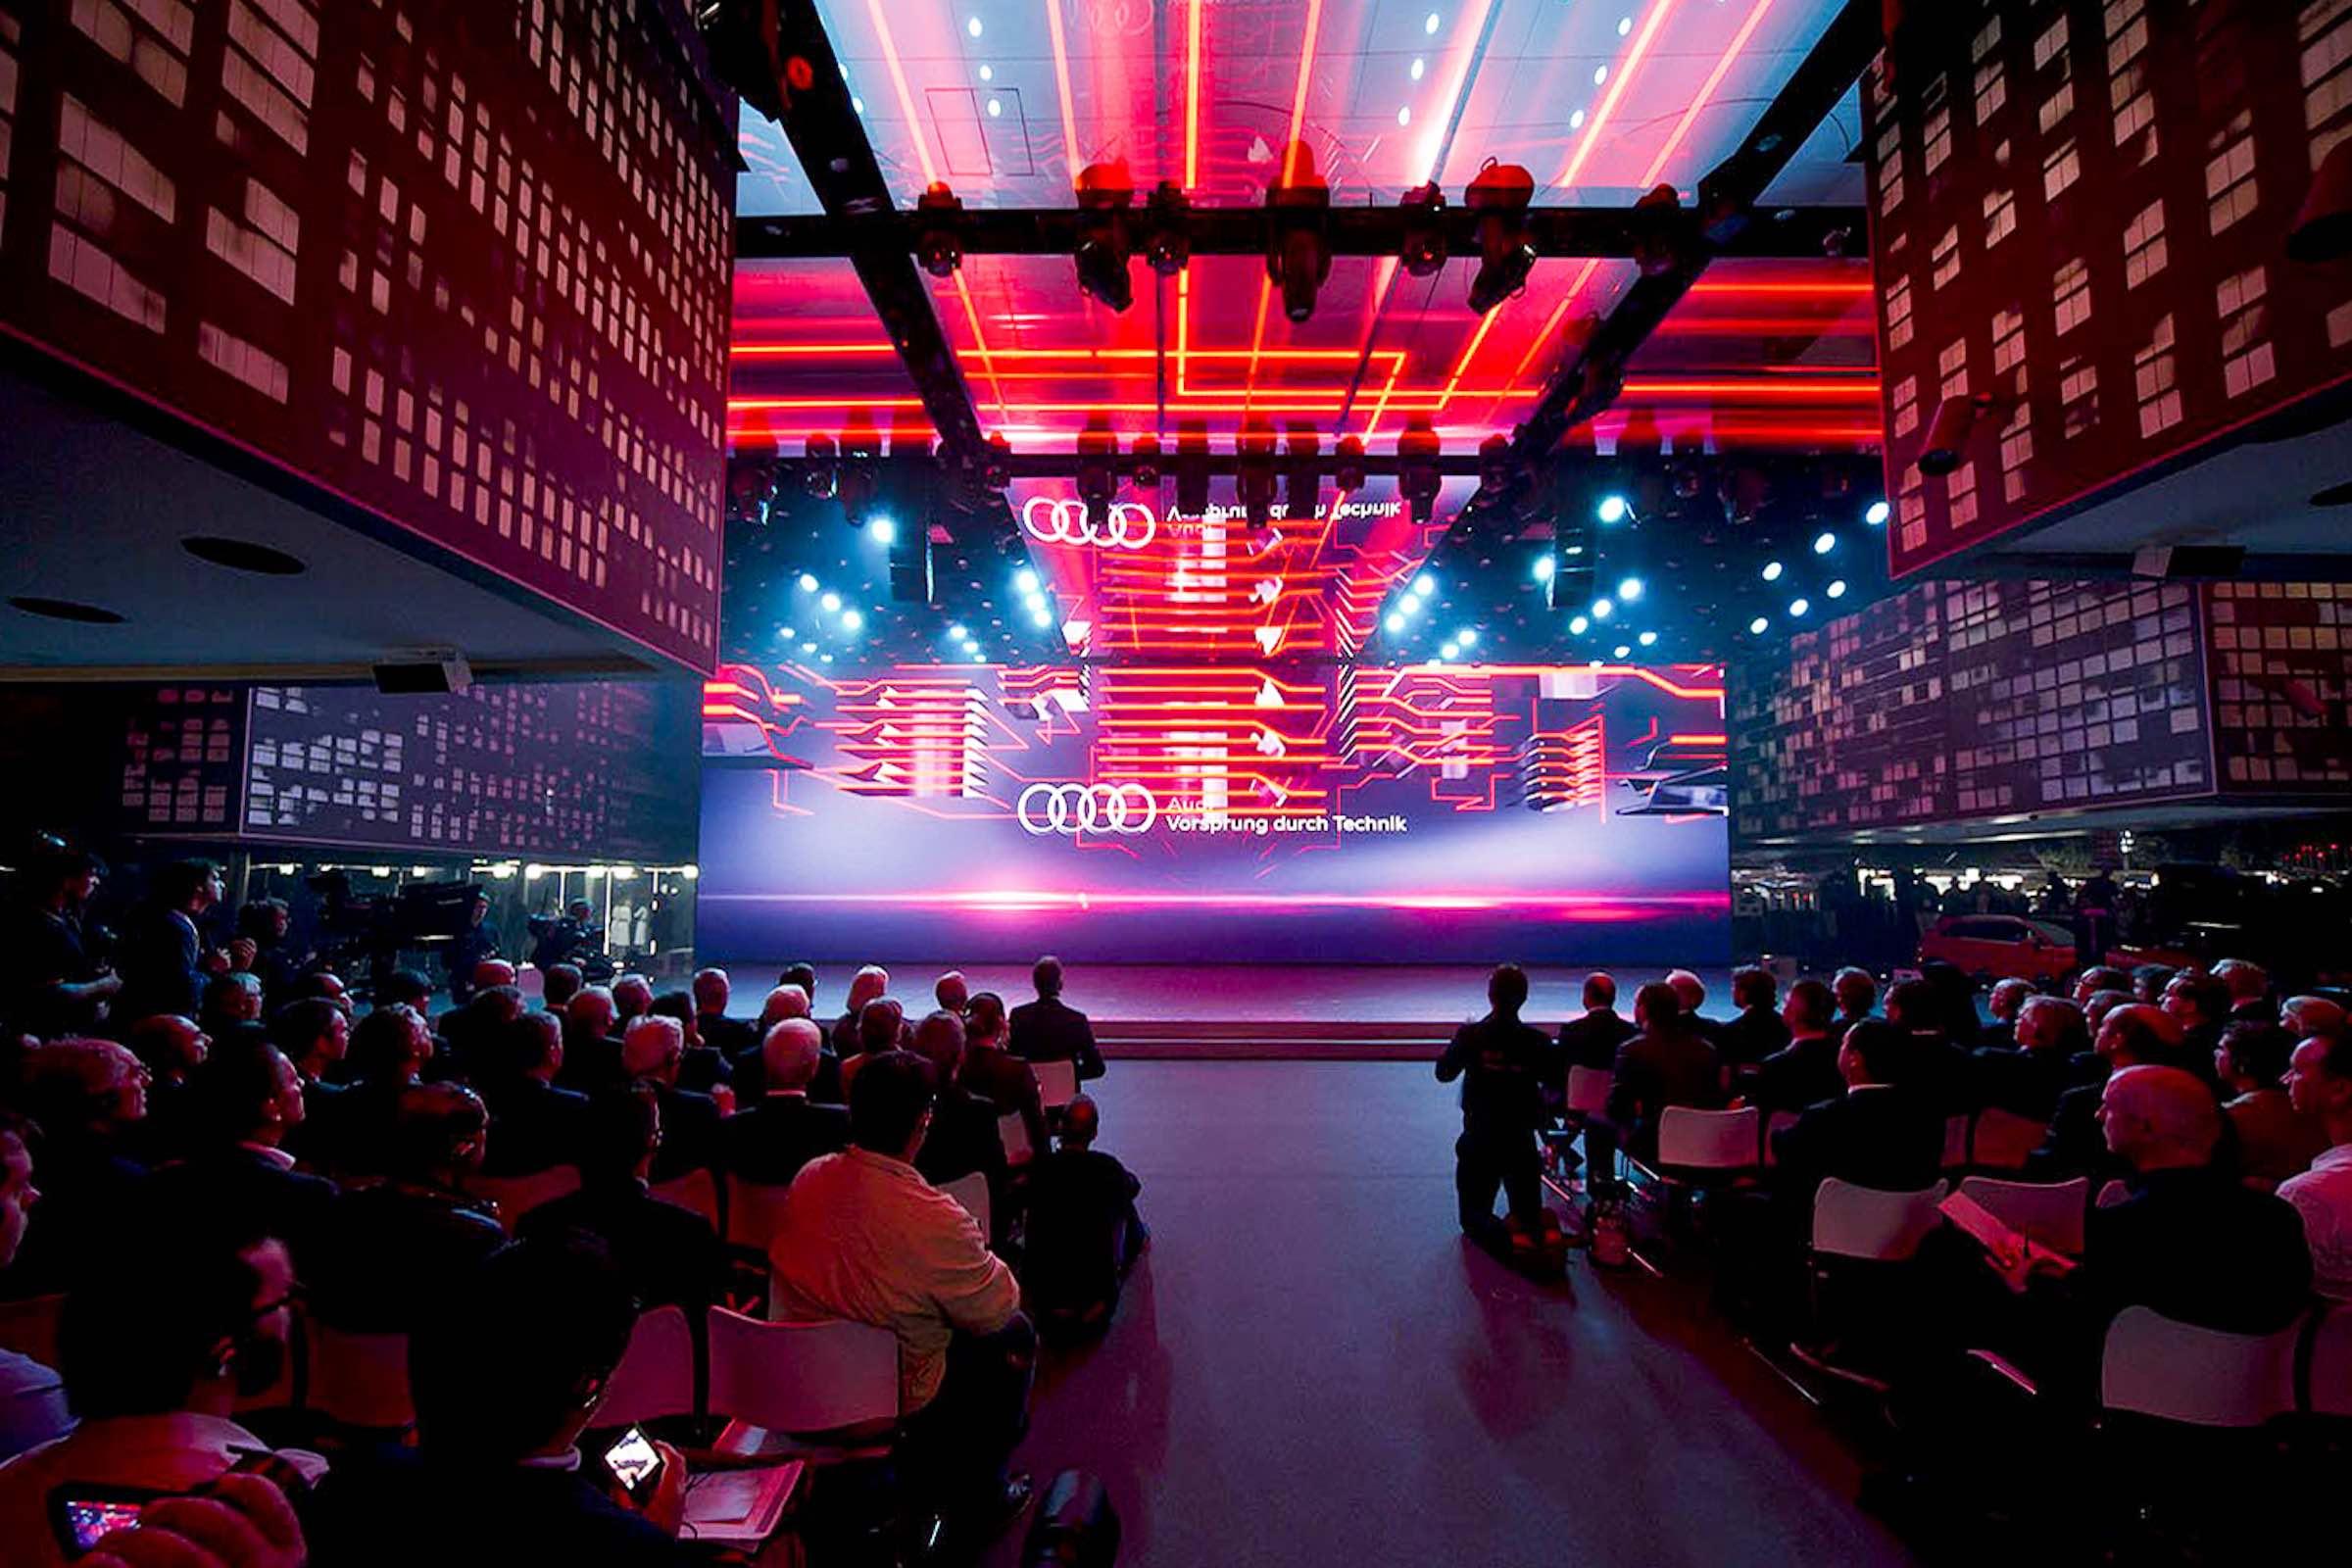 LED |LCD |Videowand |Screen |Grossbildwand |Public |Viewing |Indoor |Outdoor |Public |Viewing |Konferenzen |Messe |Club |Mieten |Leihen |Event |Hannover